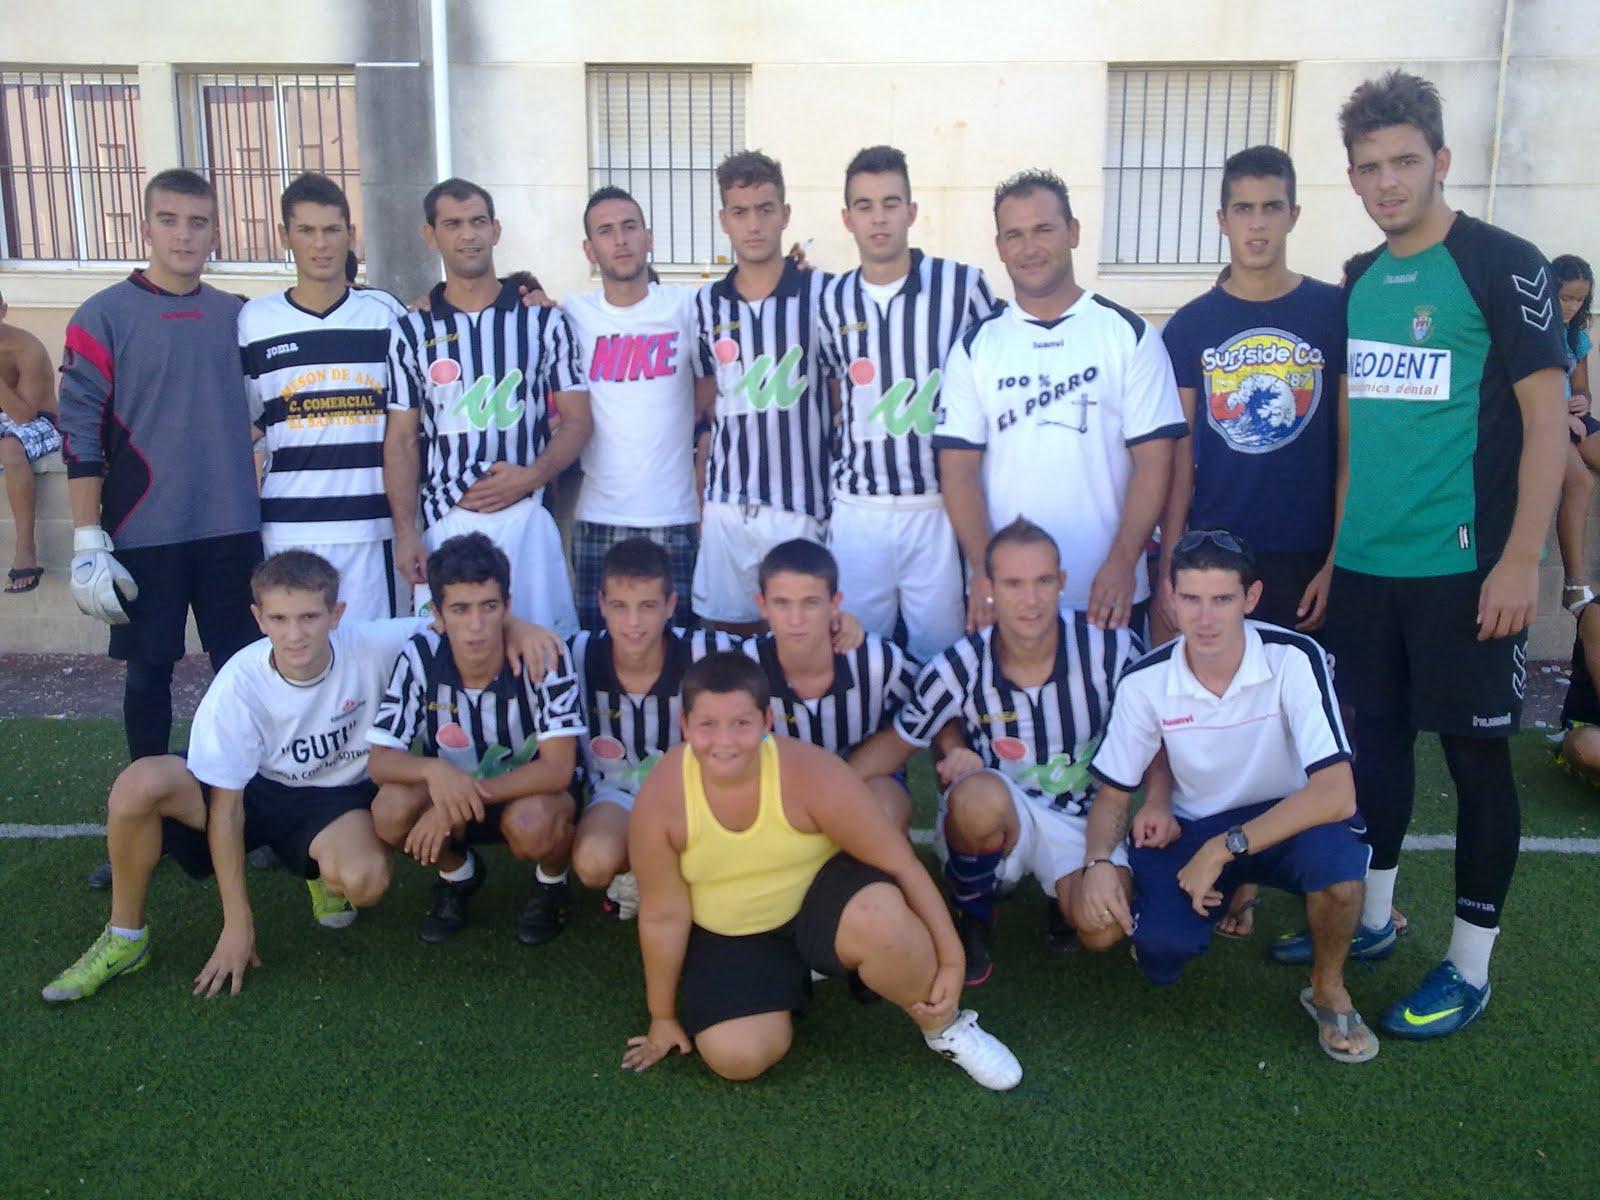 http://3.bp.blogspot.com/_oguGquo2b6c/TI-FQPbtXQI/AAAAAAAAAEQ/2u_DOsxWB7A/s1600/IU+futbol.jpg